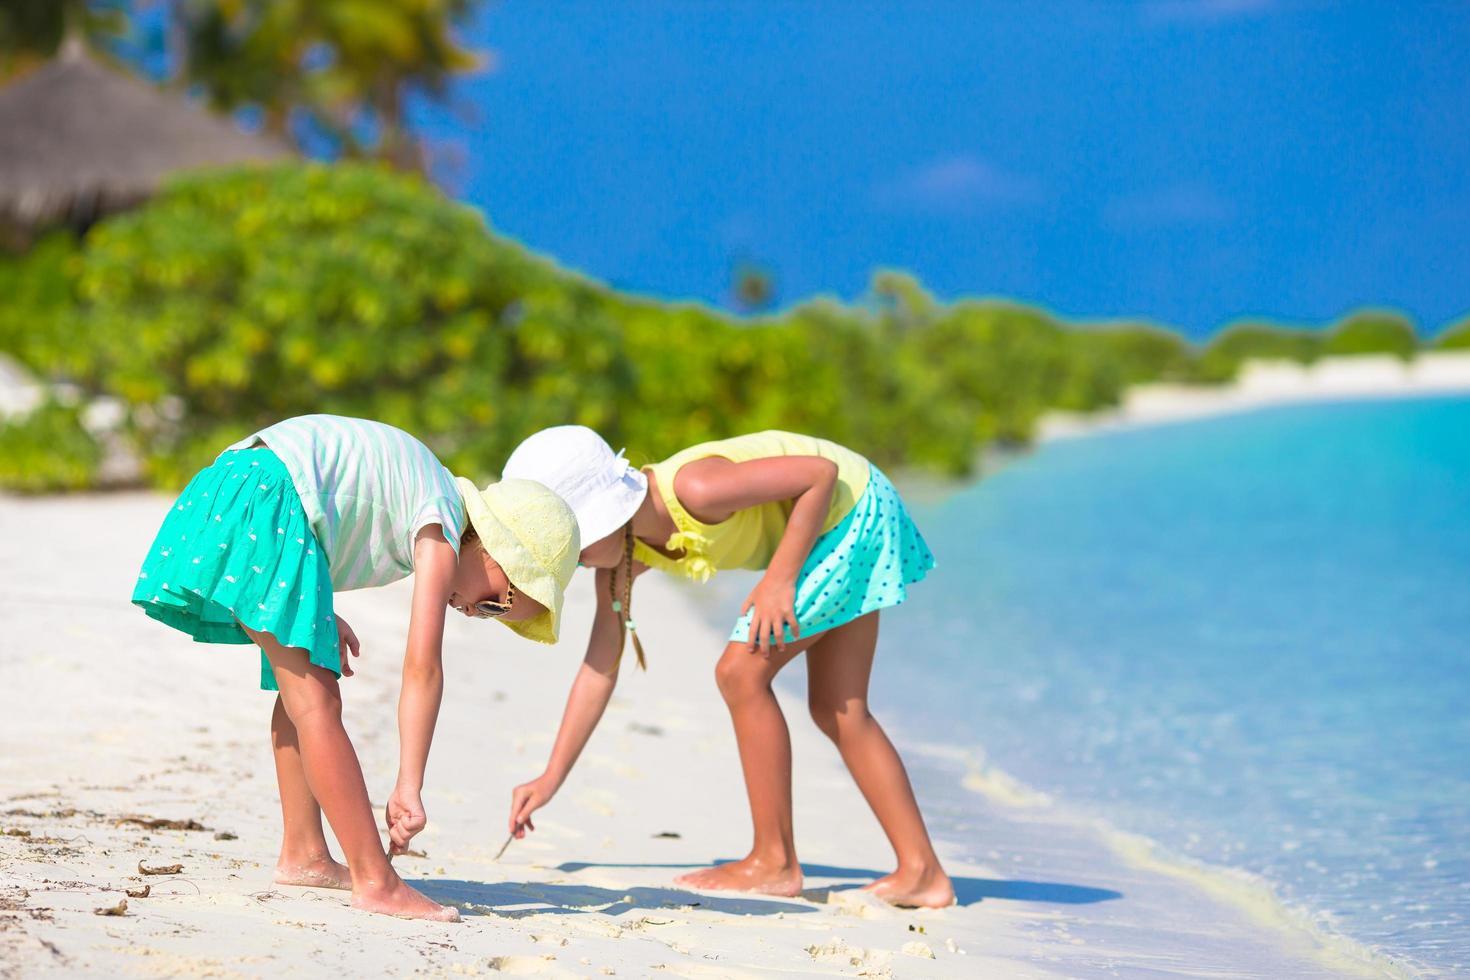 deux filles jouant dans le sable photo